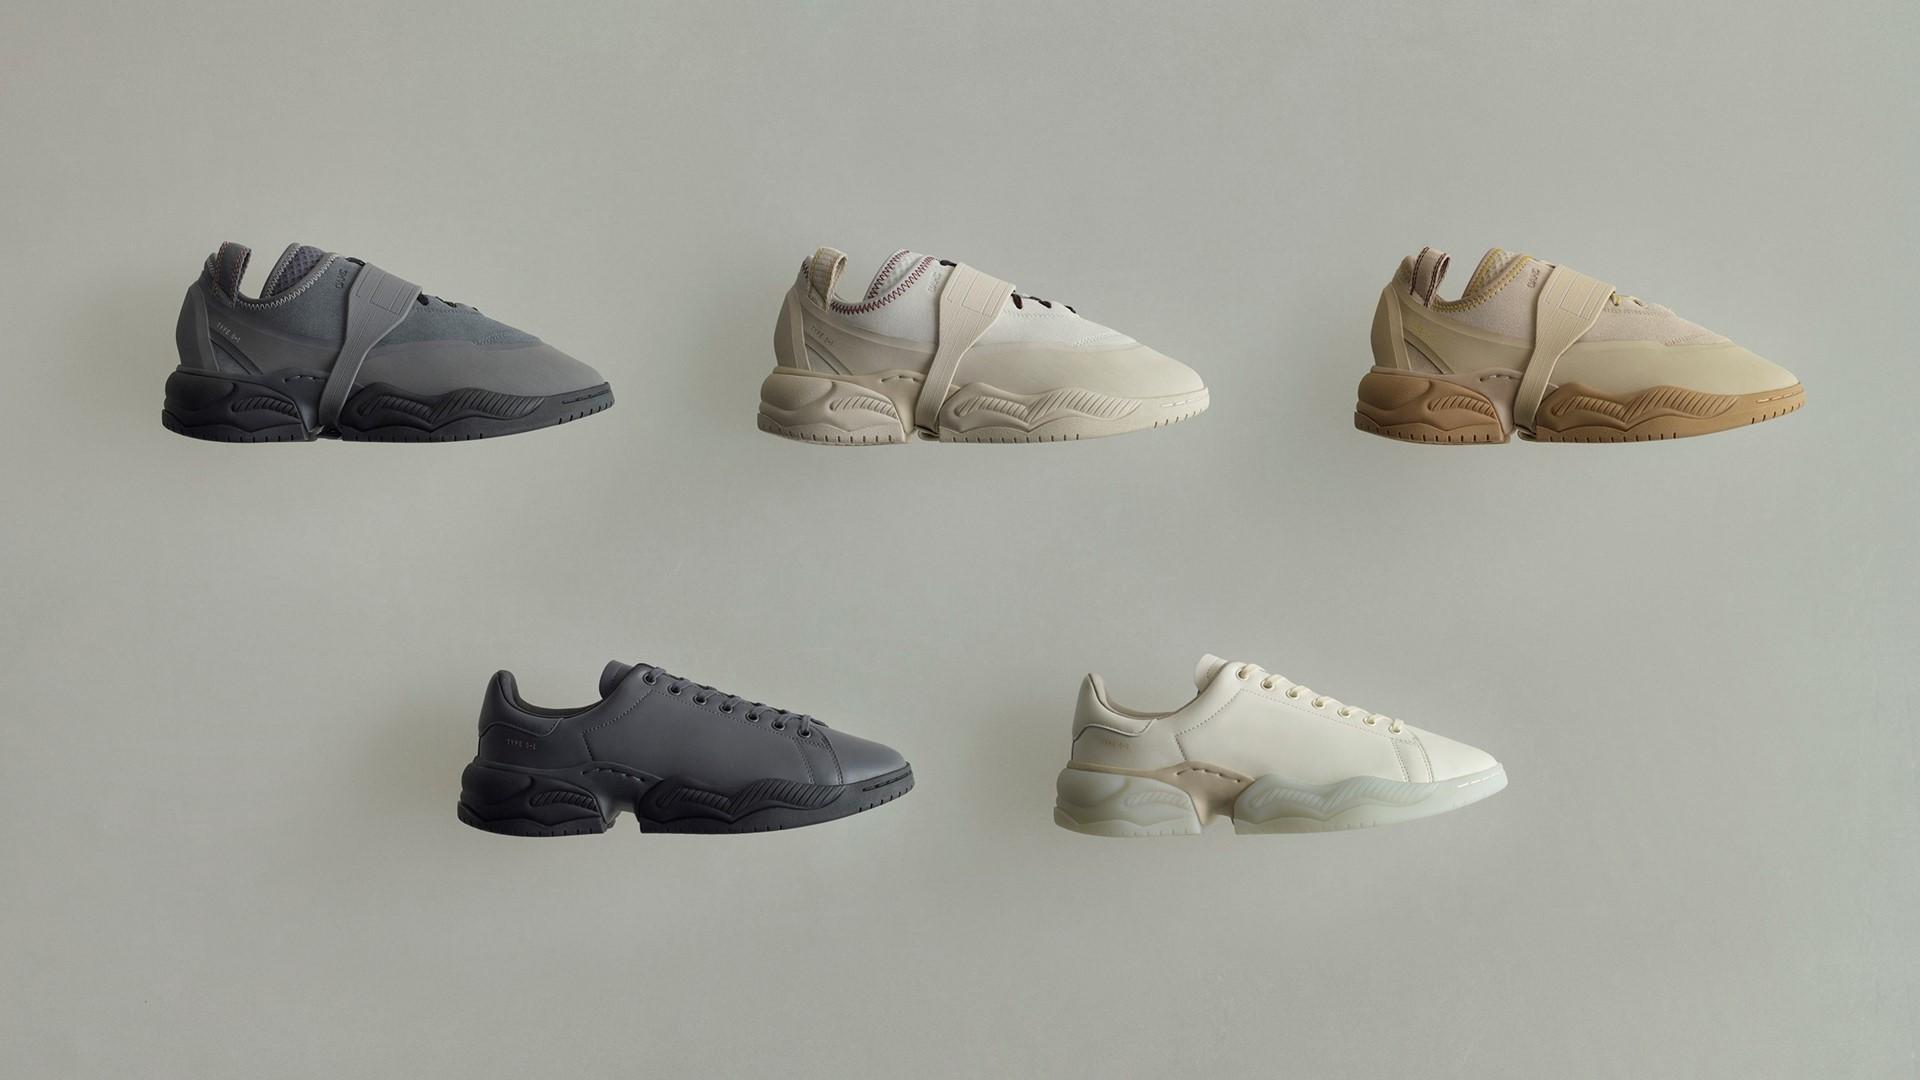 adidas Originals and OAMC Reimagine The